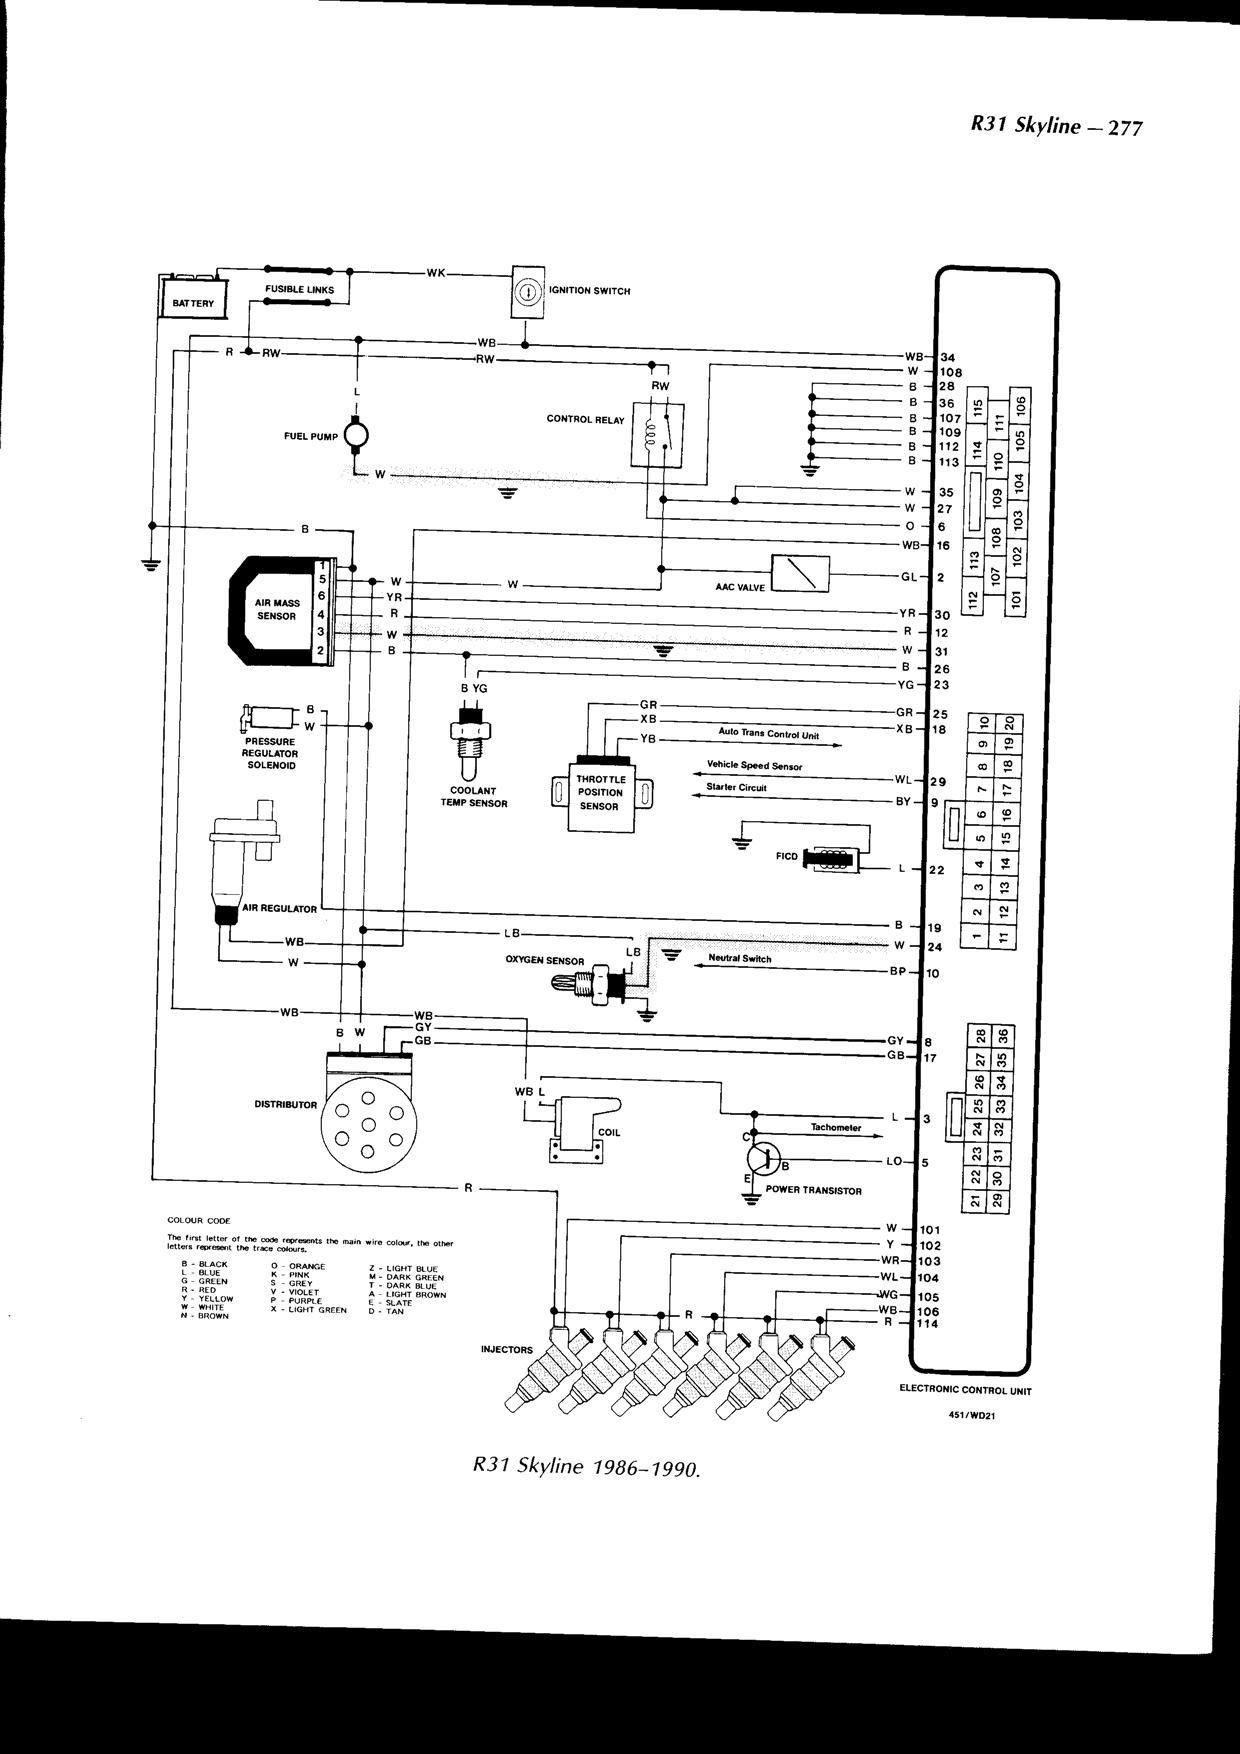 Car Air Horn Wiring Diagram Nissan 1400 Electrical Wiring Diagram Of Car Air Horn Wiring Diagram